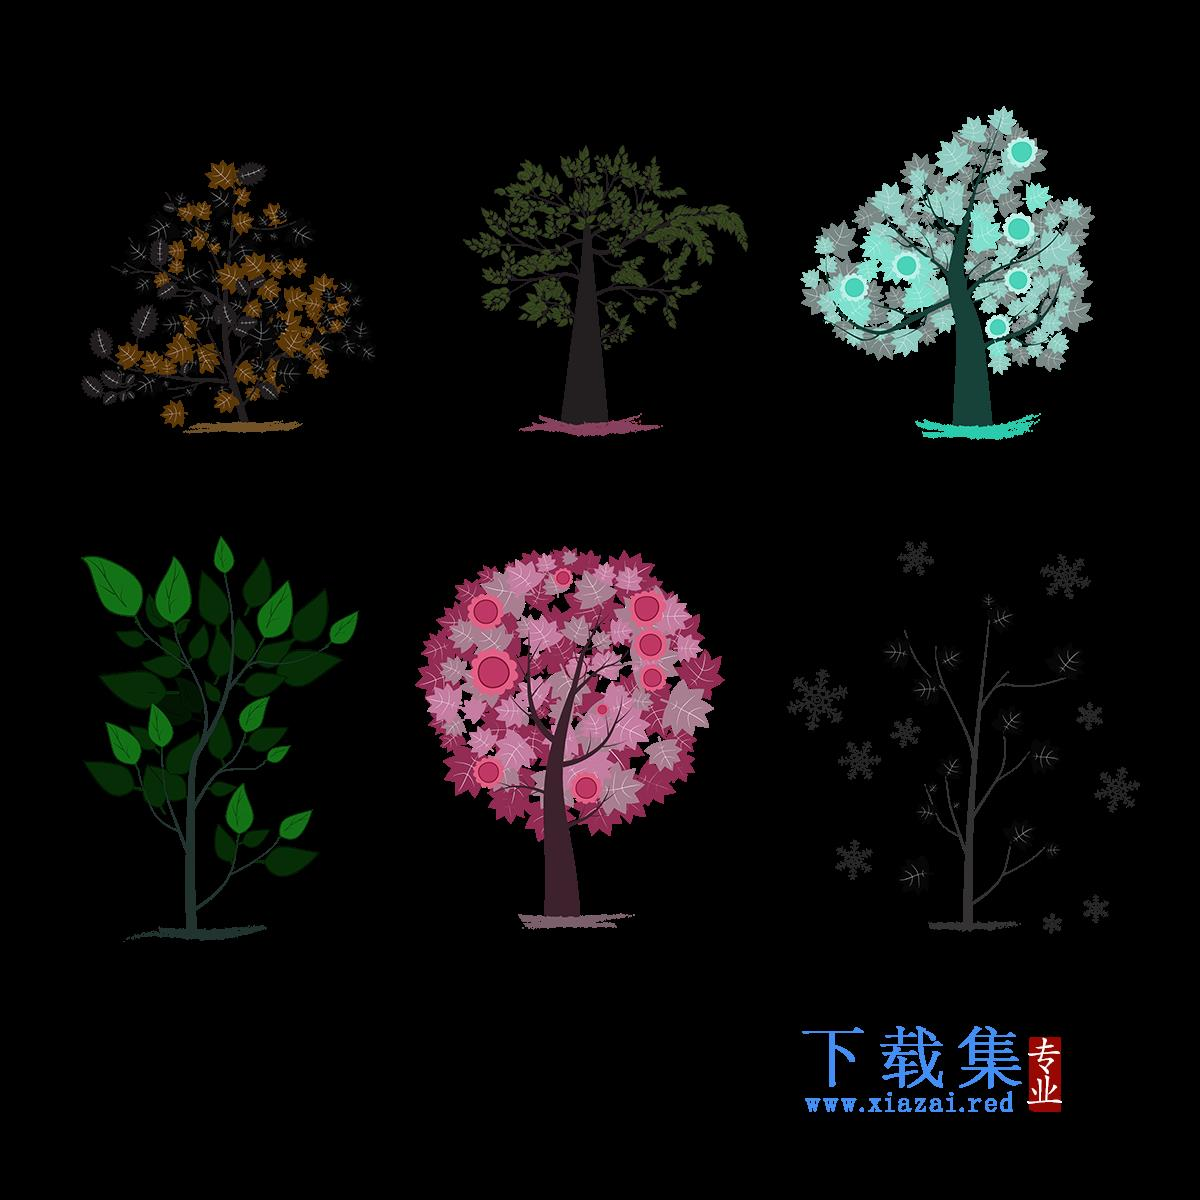 六颗大树矢量素材